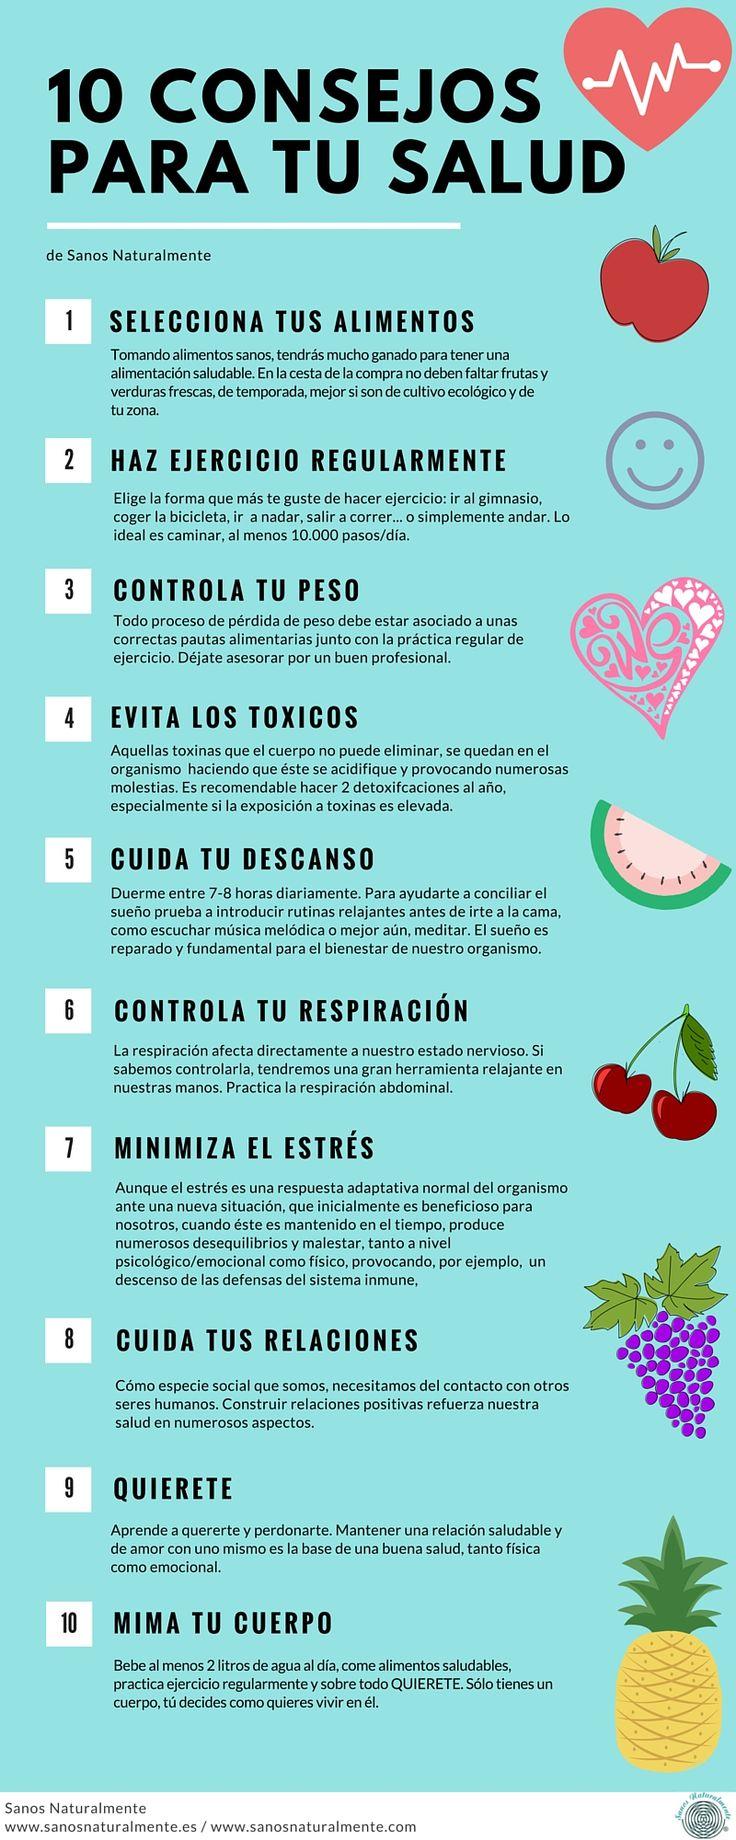 10 consejos para cuidar y disfrutar de tu salud